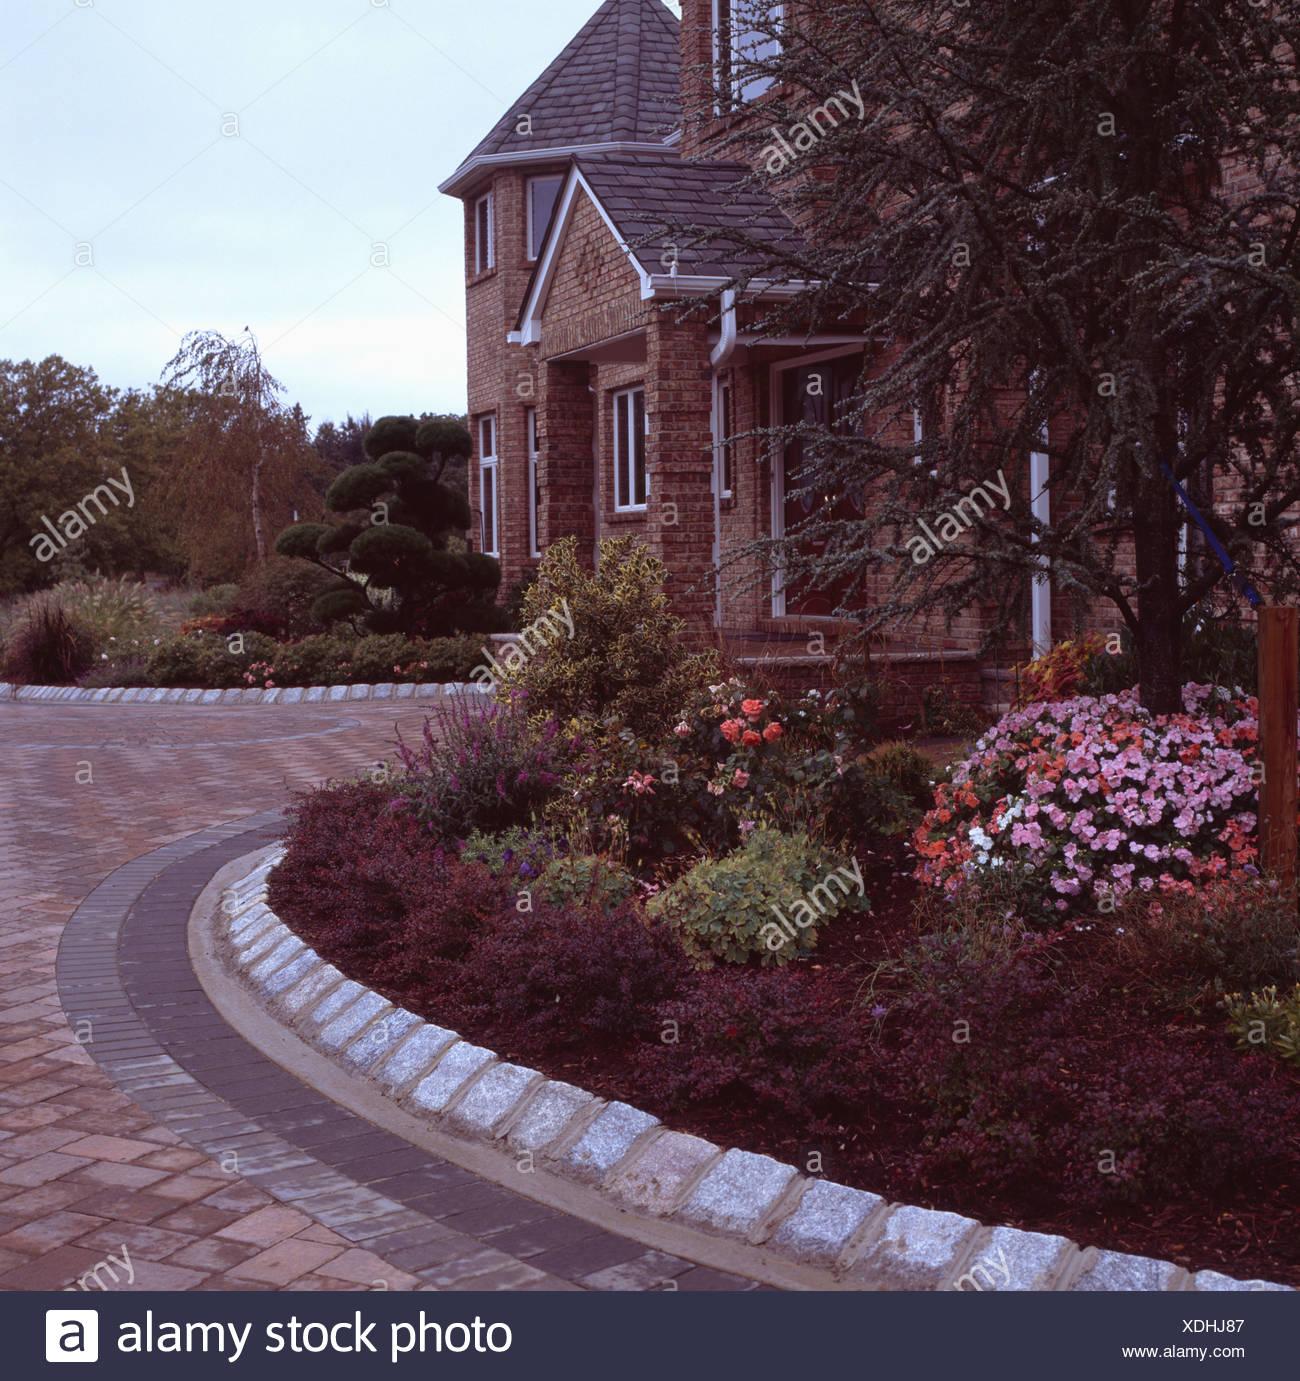 https www alamyimages fr bordures de pierre autour de la frontiere de jardin en face de nouvelle construction traditionnelle maison en debut de soiree image283743943 html